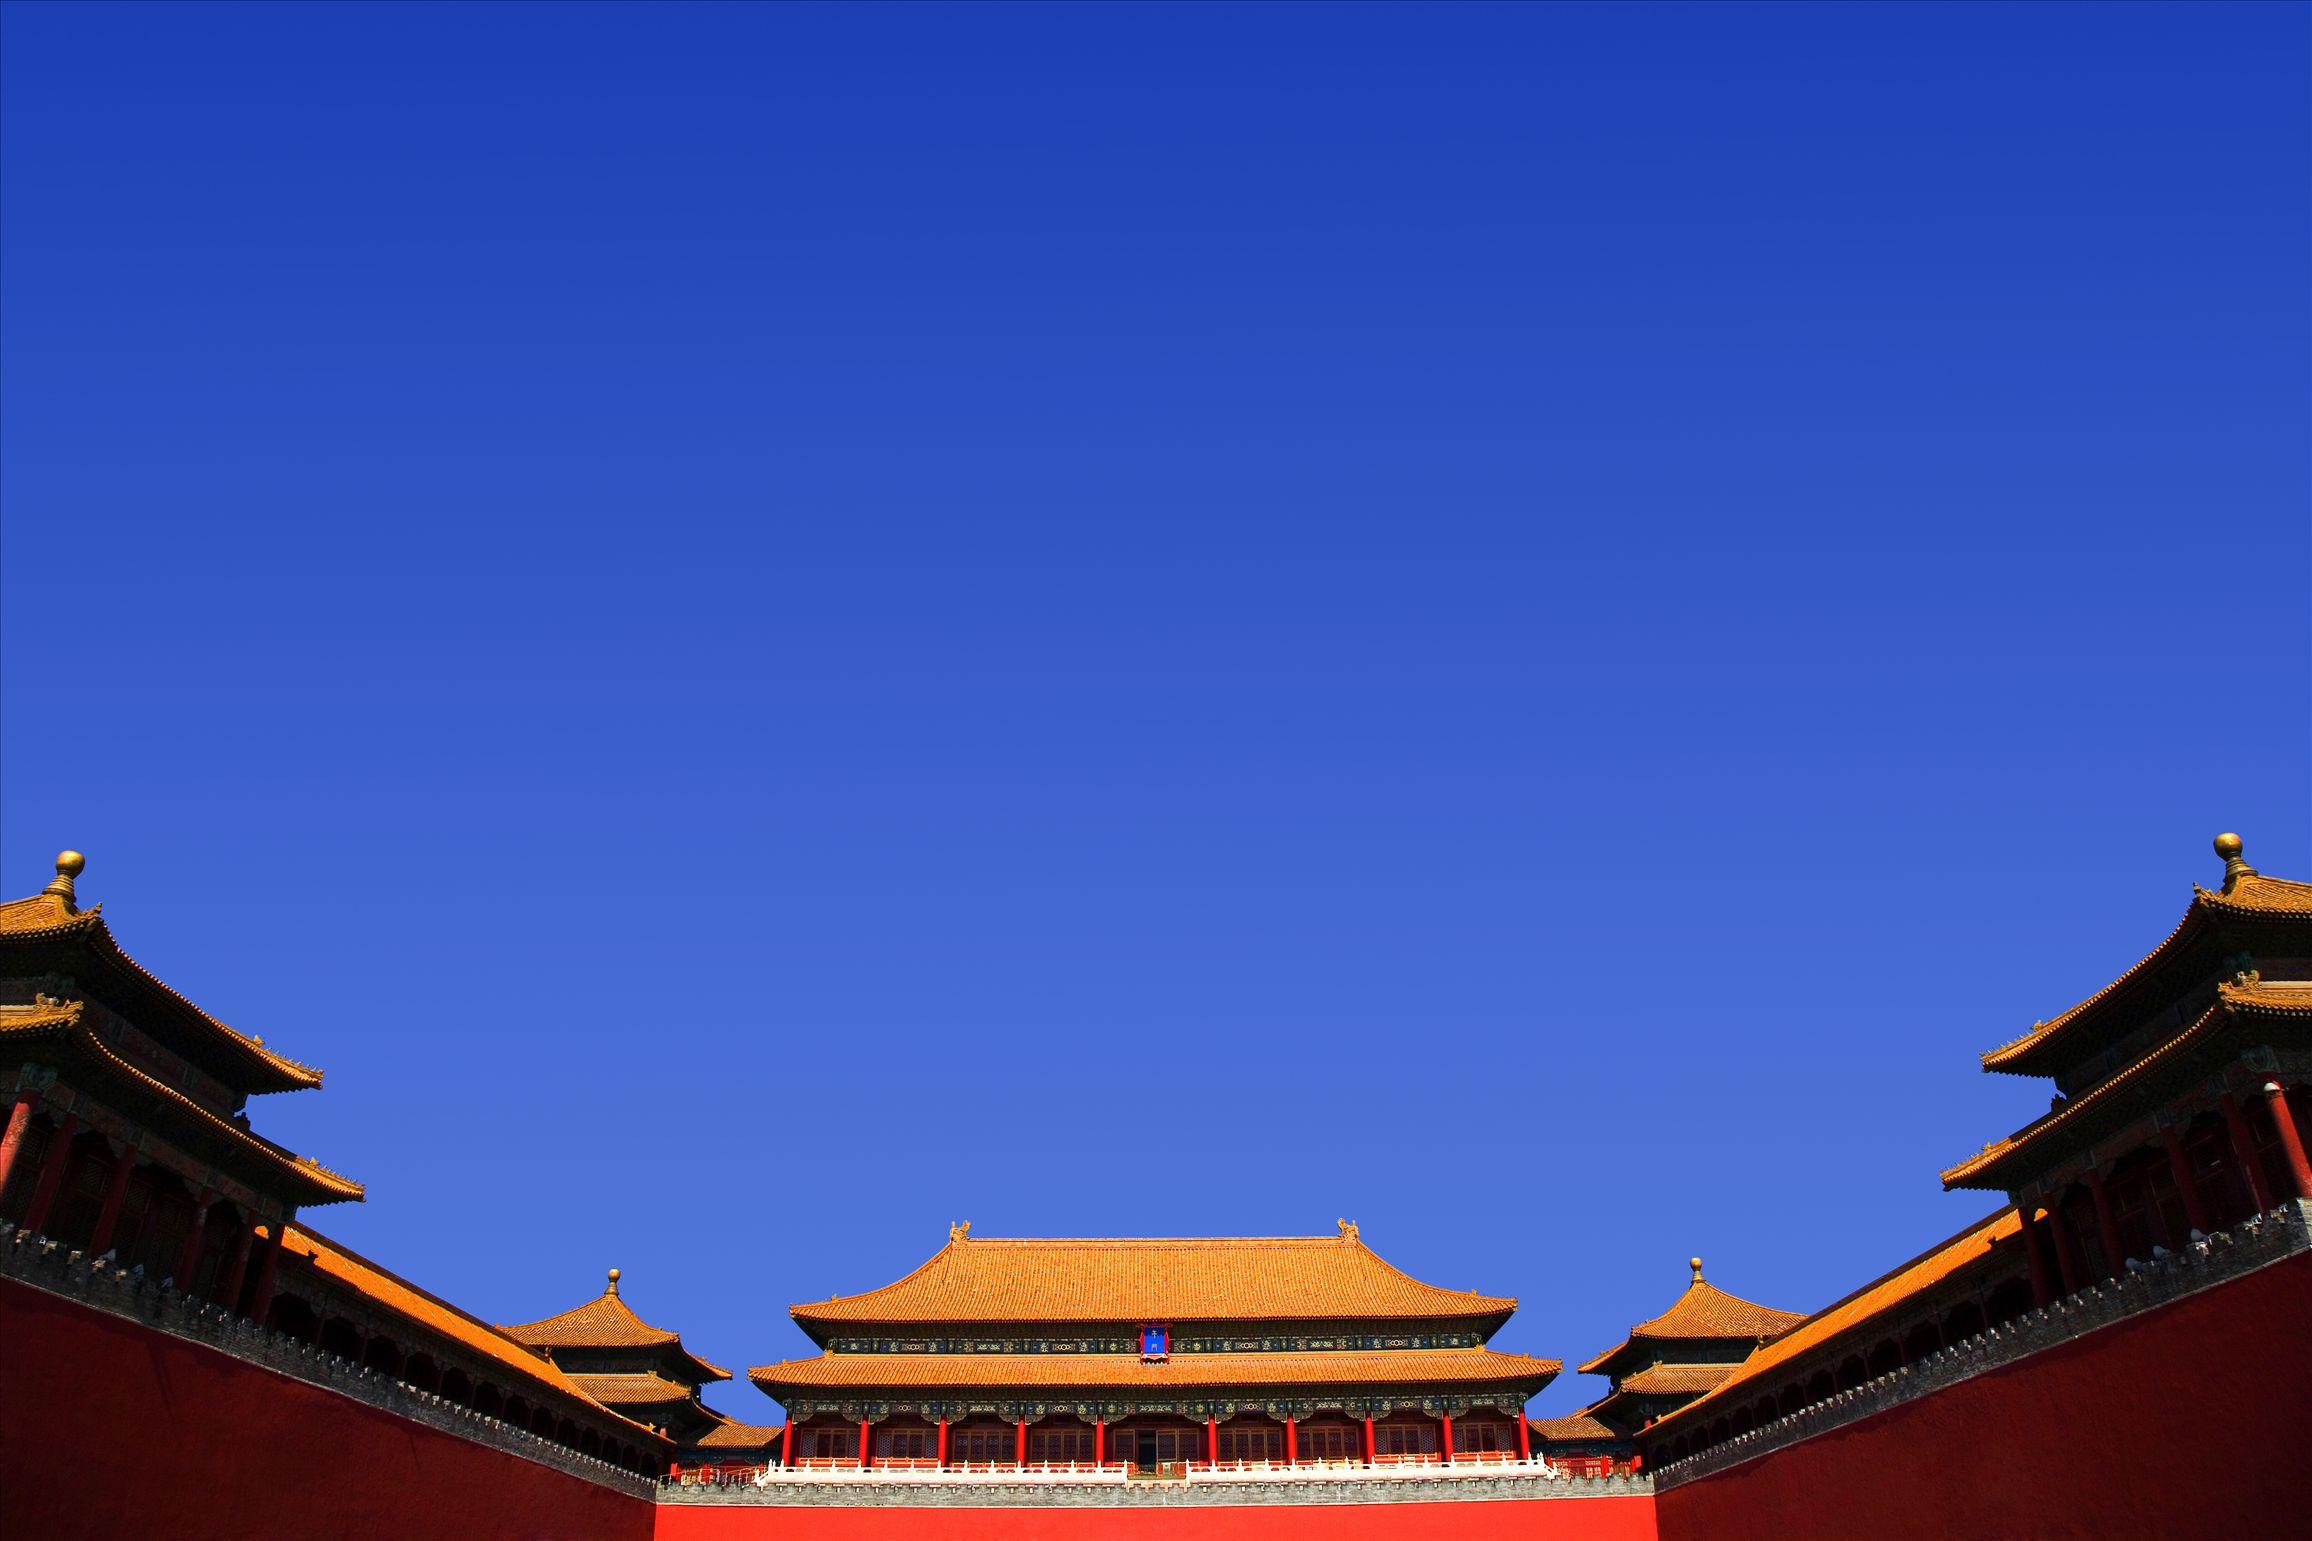 【北京观光】春节升级版 挚美北京 双高5日游